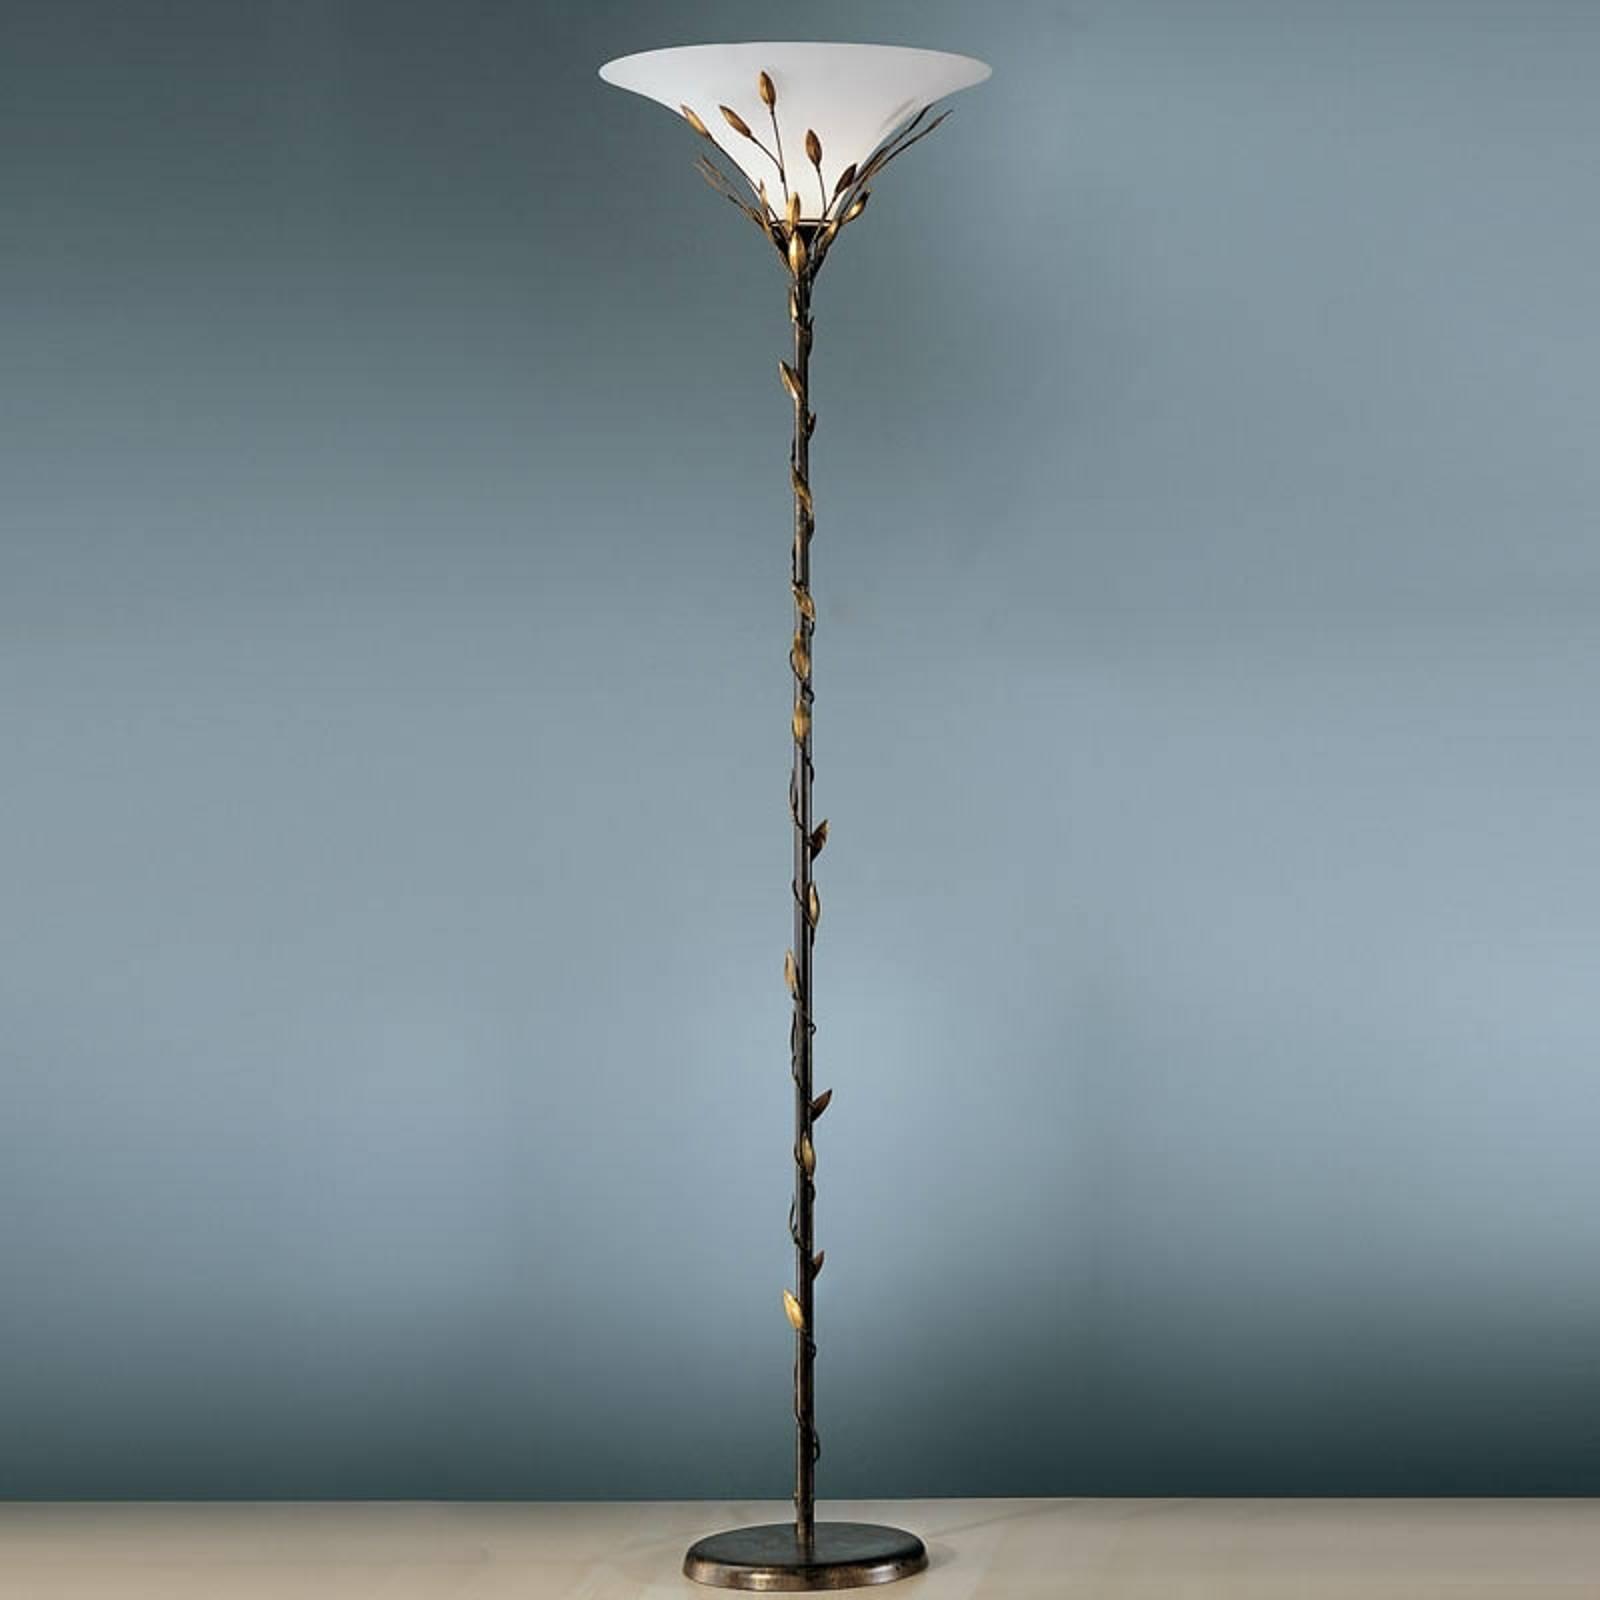 Vloerlamp Campana by Uta Kögl - met dimmer